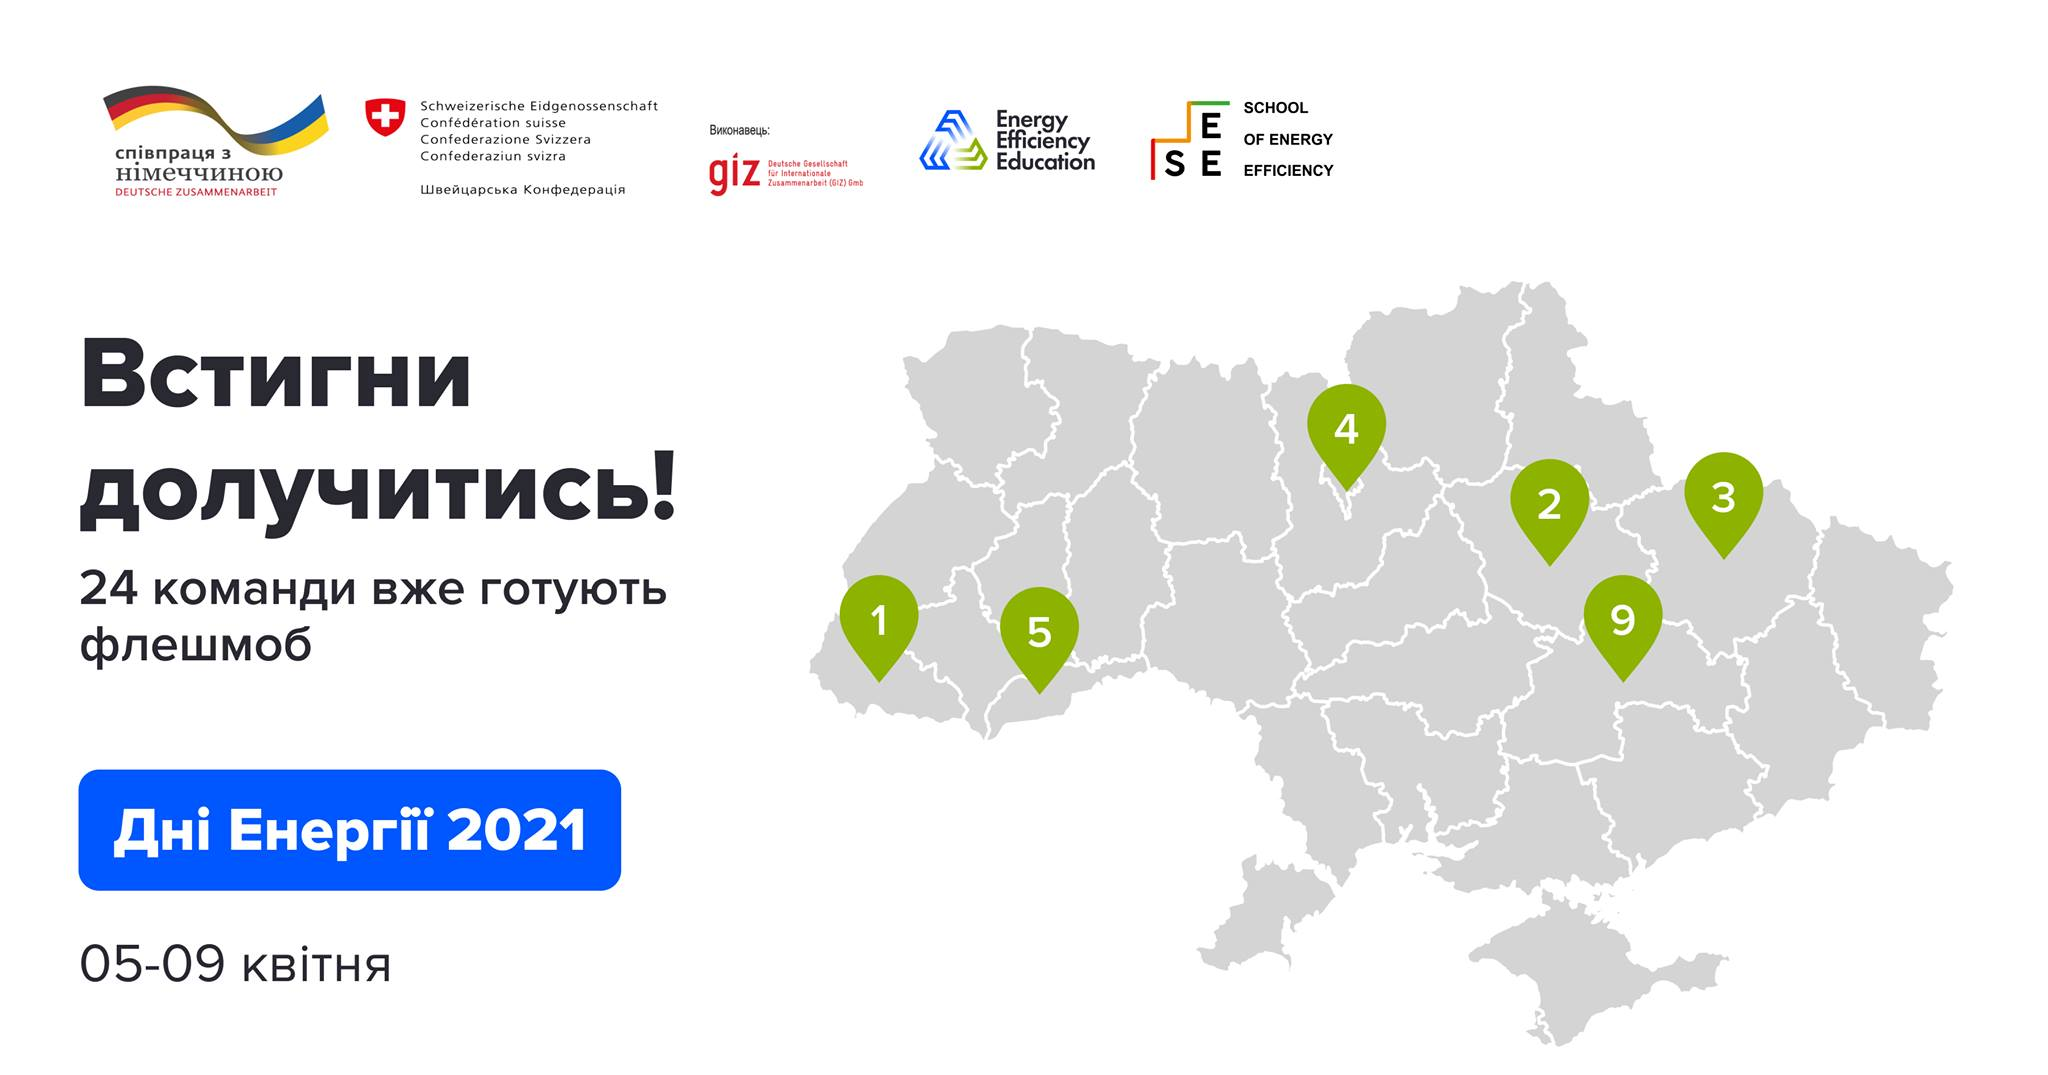 Дні енергії в Україні: викладачів та студентів запрошують на конкурси з енергоефективності